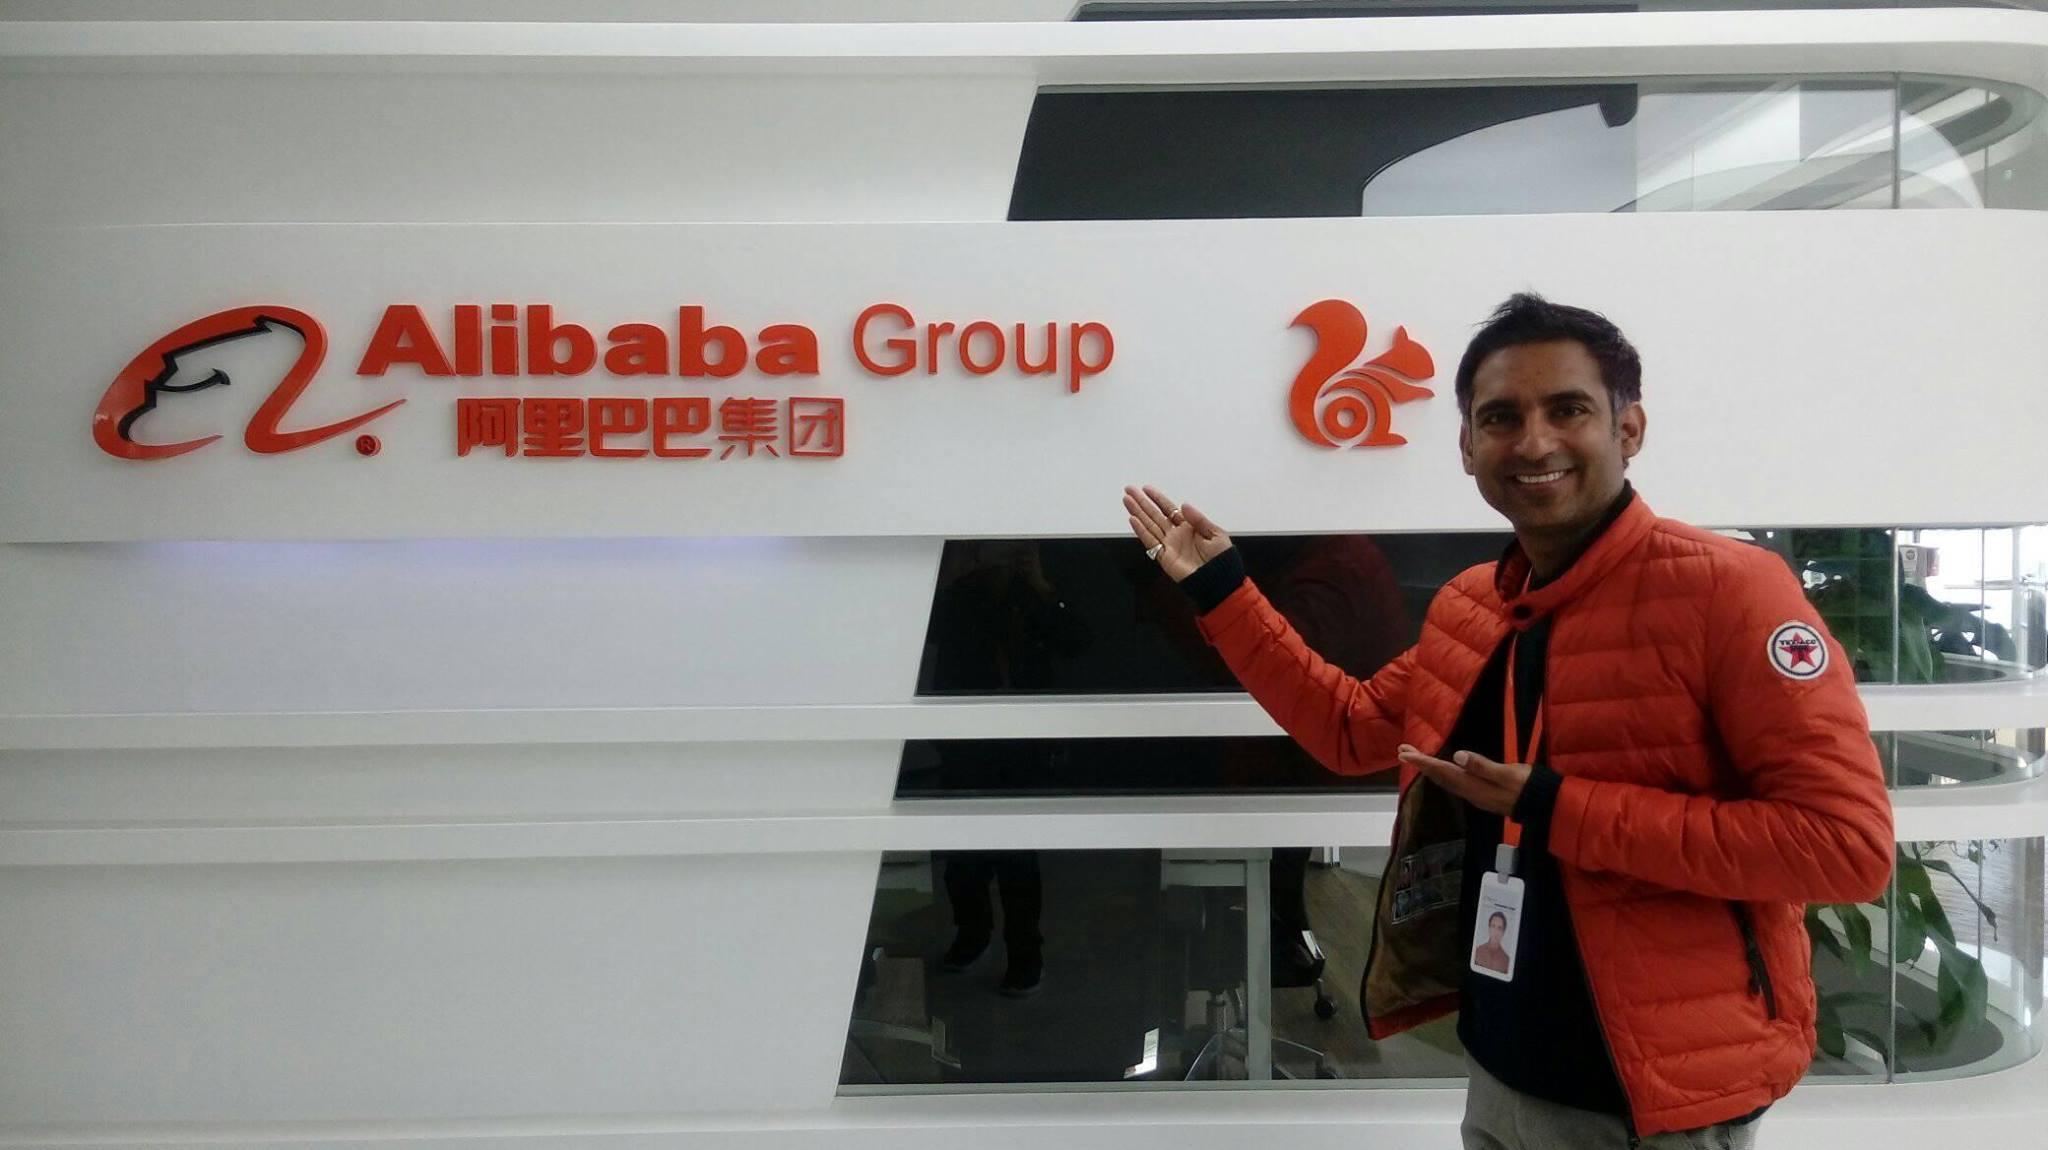 阿里巴巴旗下UC Web的前员工普什潘德拉·辛格·帕玛(Pushpandra Singh Parmar)在一起诉讼中表示,因其披露公司存在言论审查和虚假新闻遭解雇。 (帕玛脸书图片)